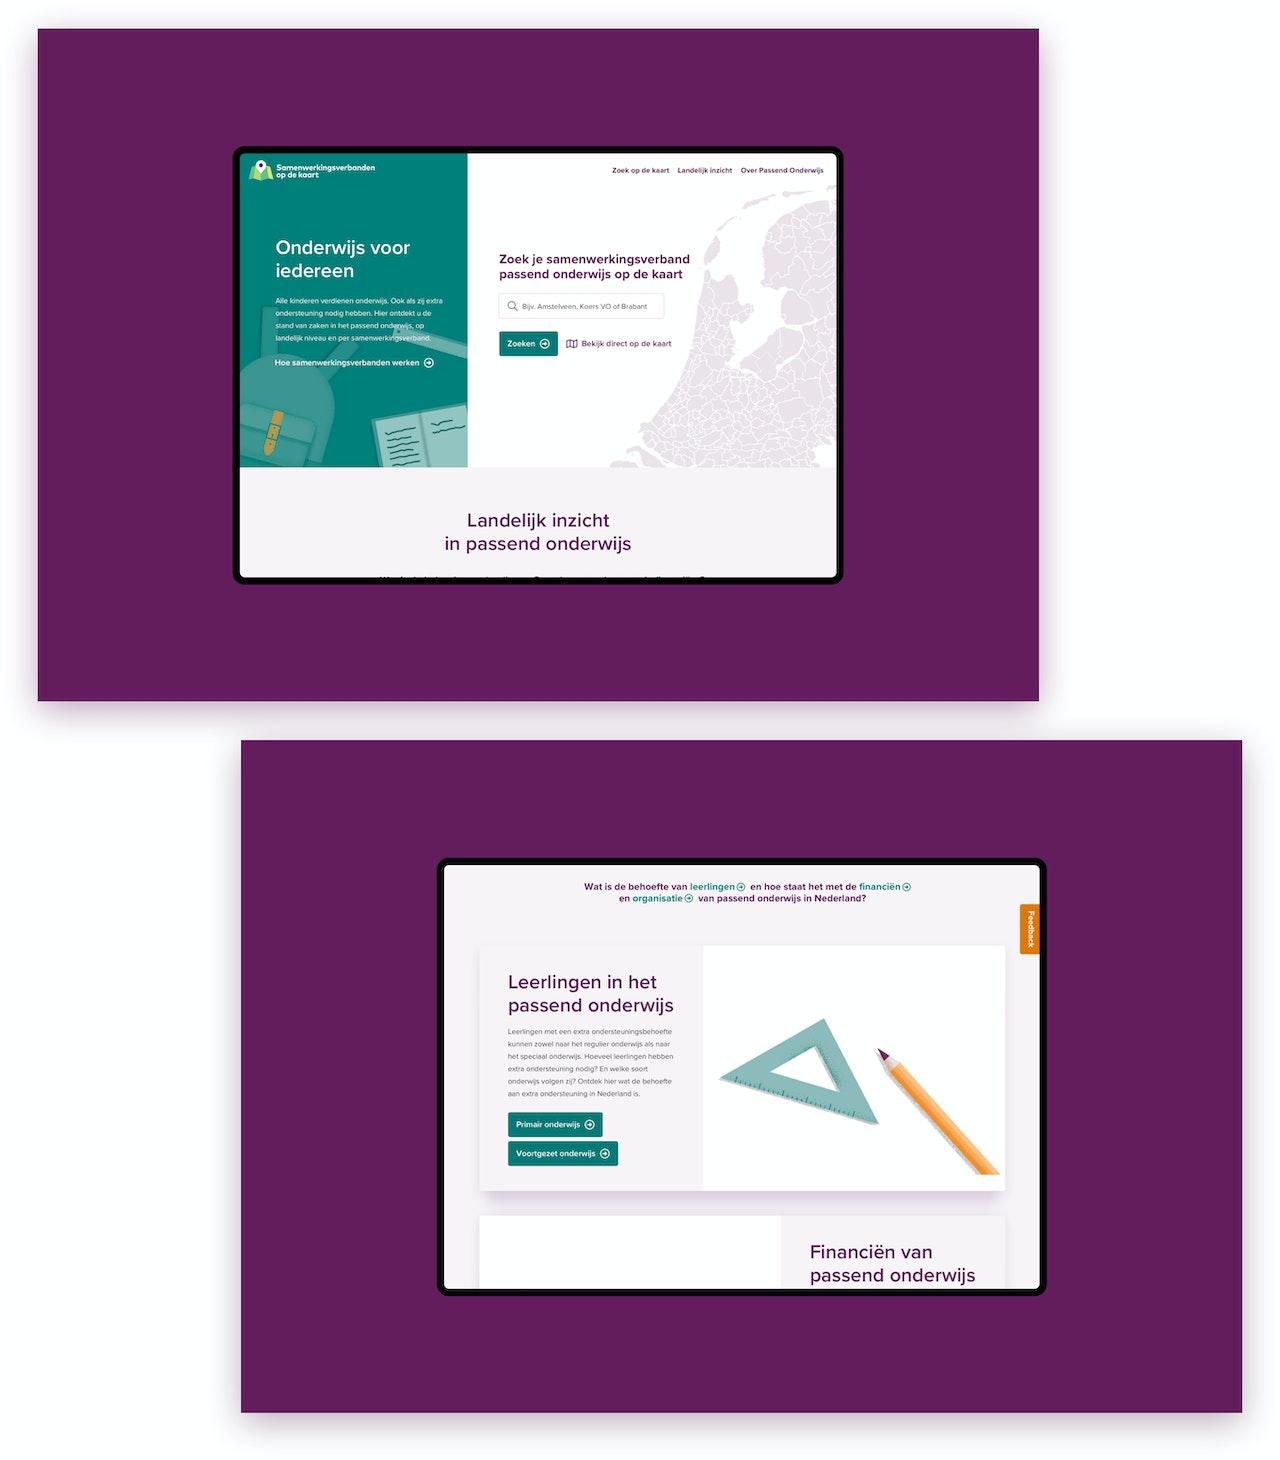 In de afbeelding staan twee schermafbeeldingen van de website www.samenwerkingsverbandenopdekaart.nl